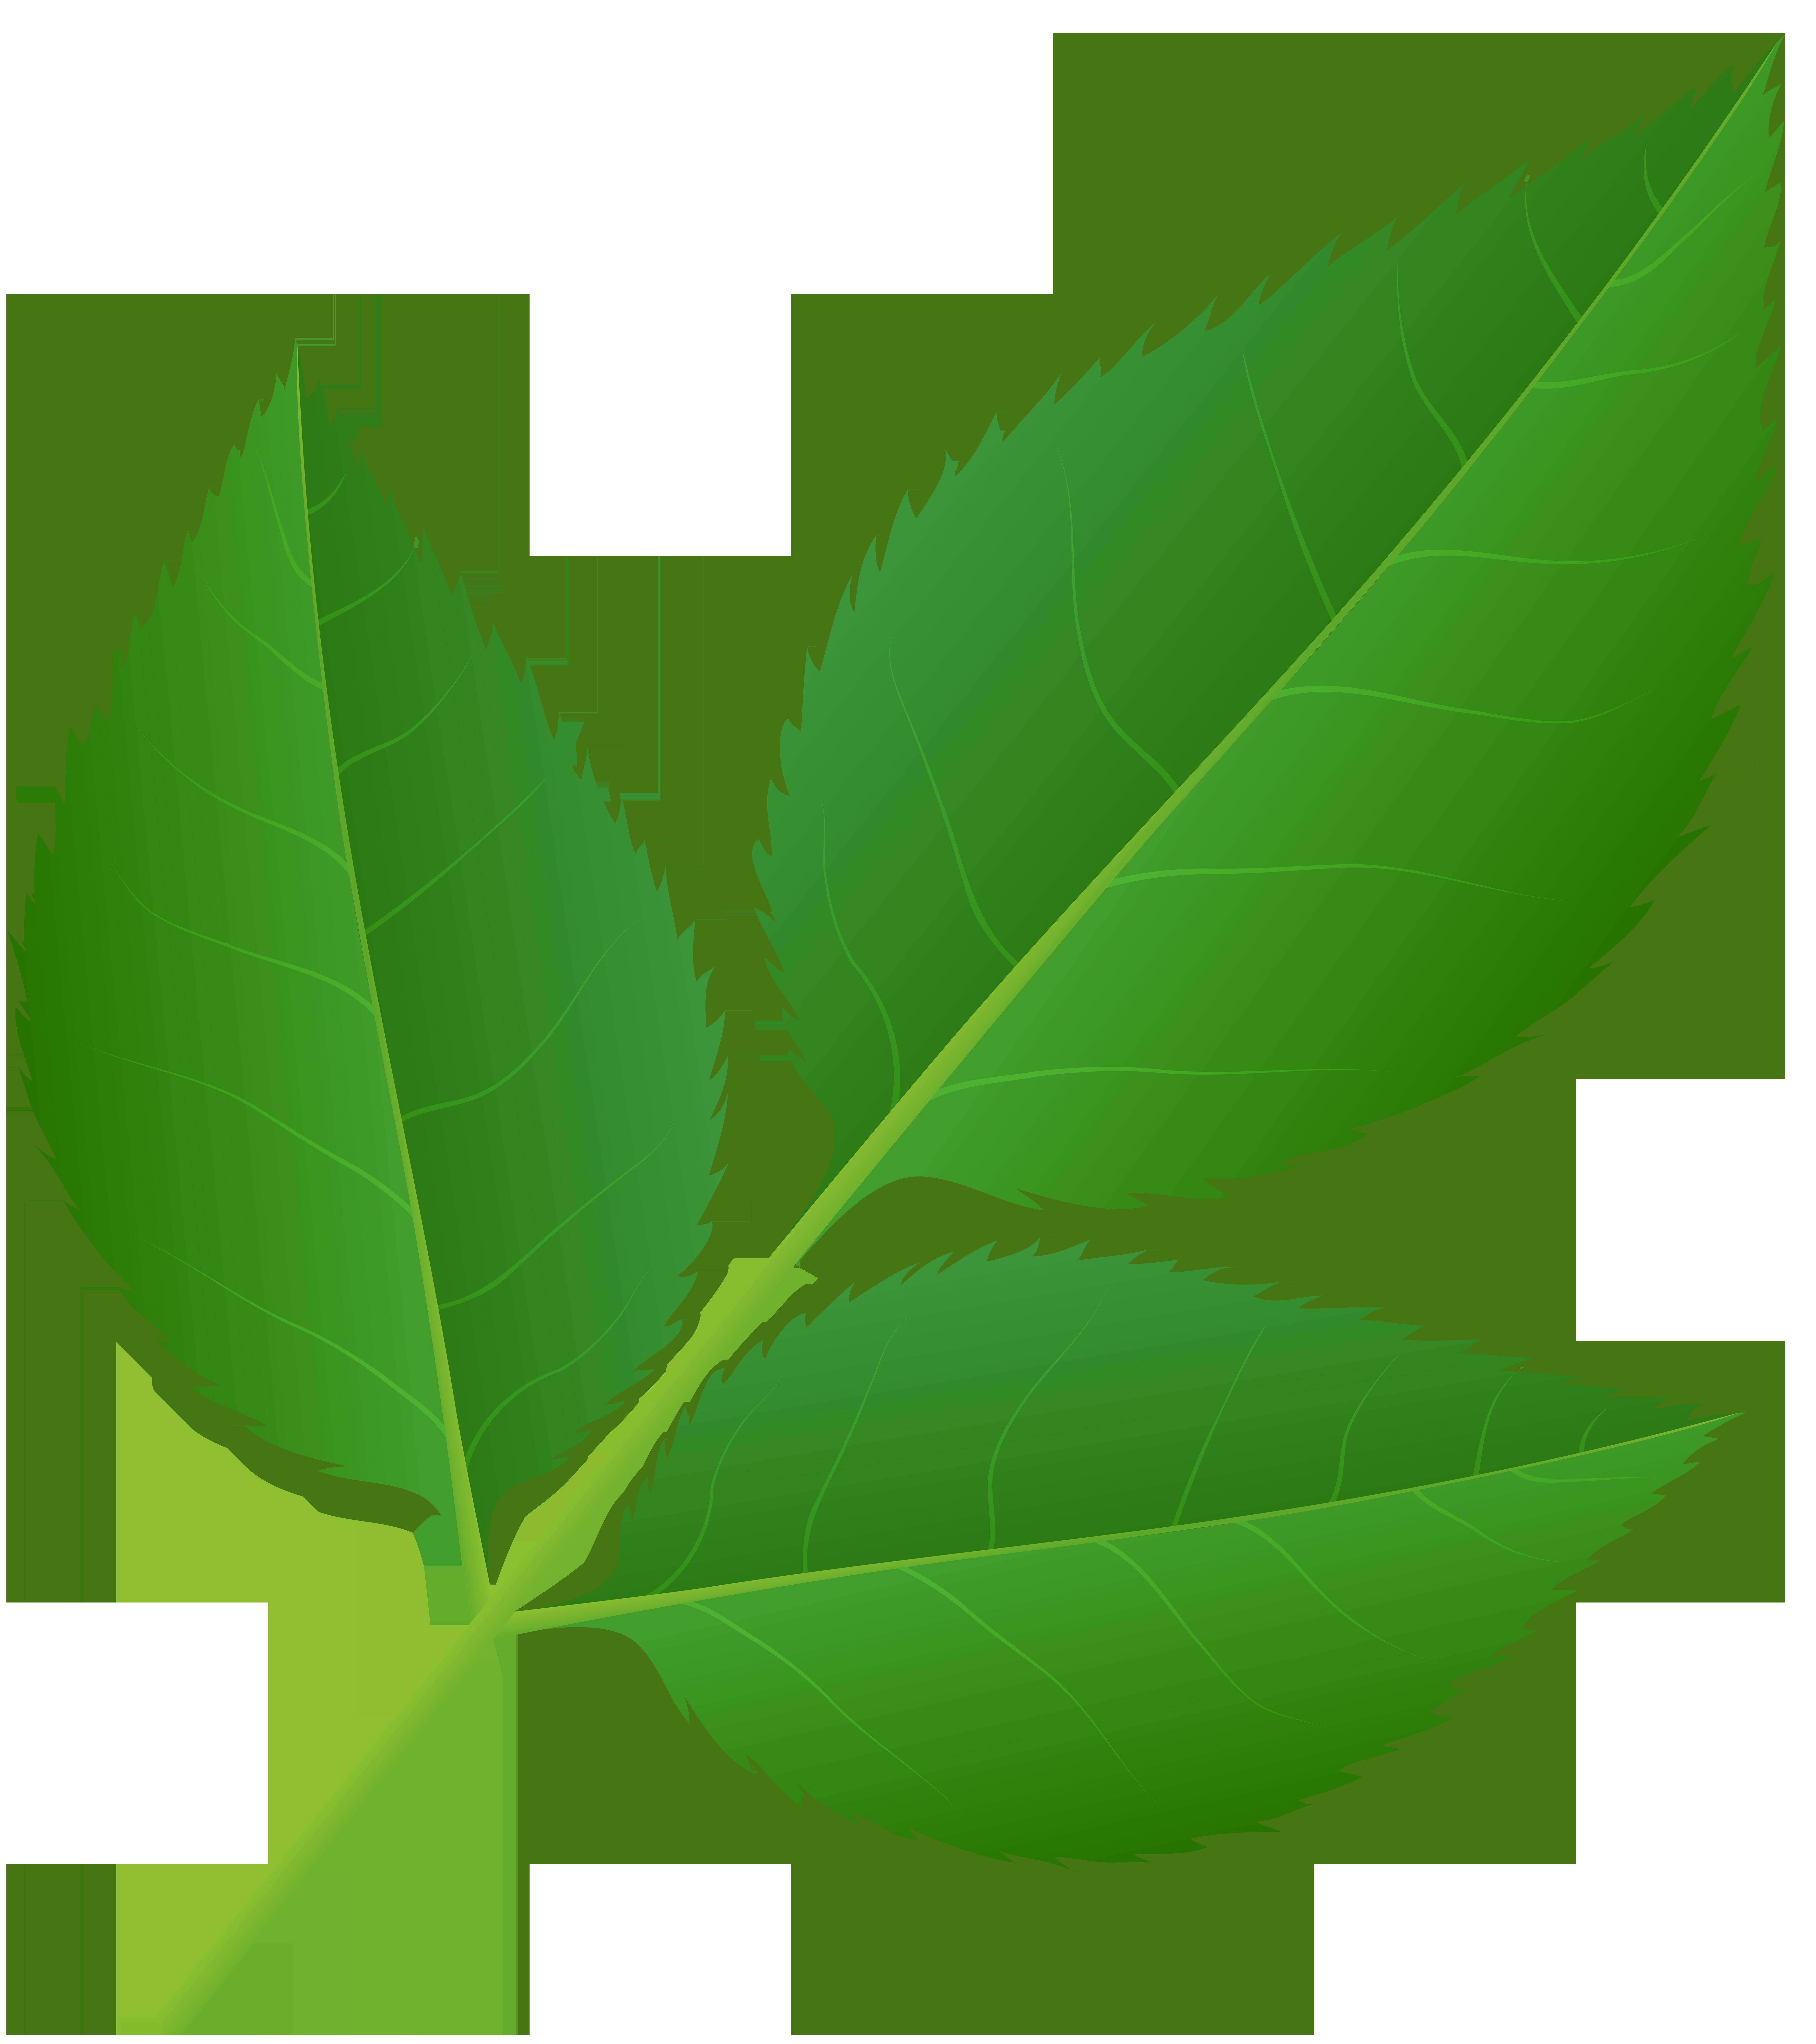 Leaves of rose stem. Clipart roses leaf